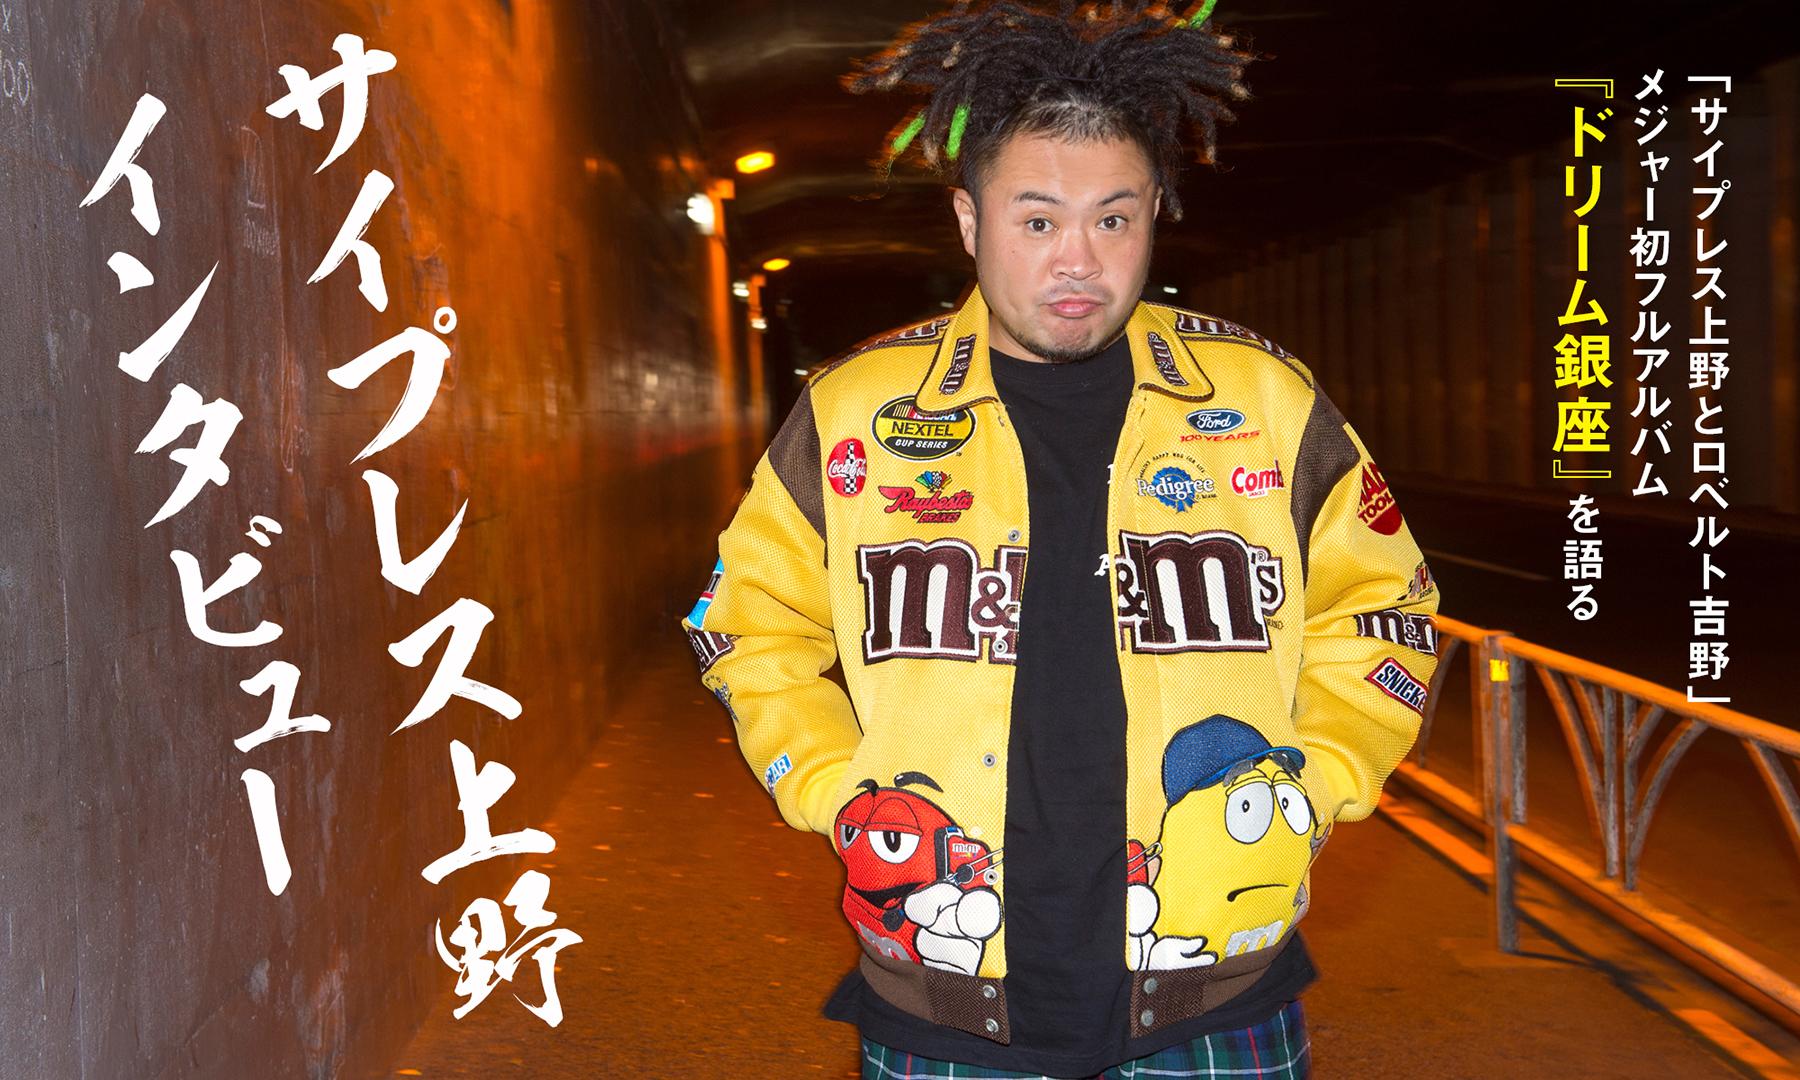 メジャー初フルアルバム『ドリーム銀座』を徹底解説 -サイプレス上野 INTERVIEW-